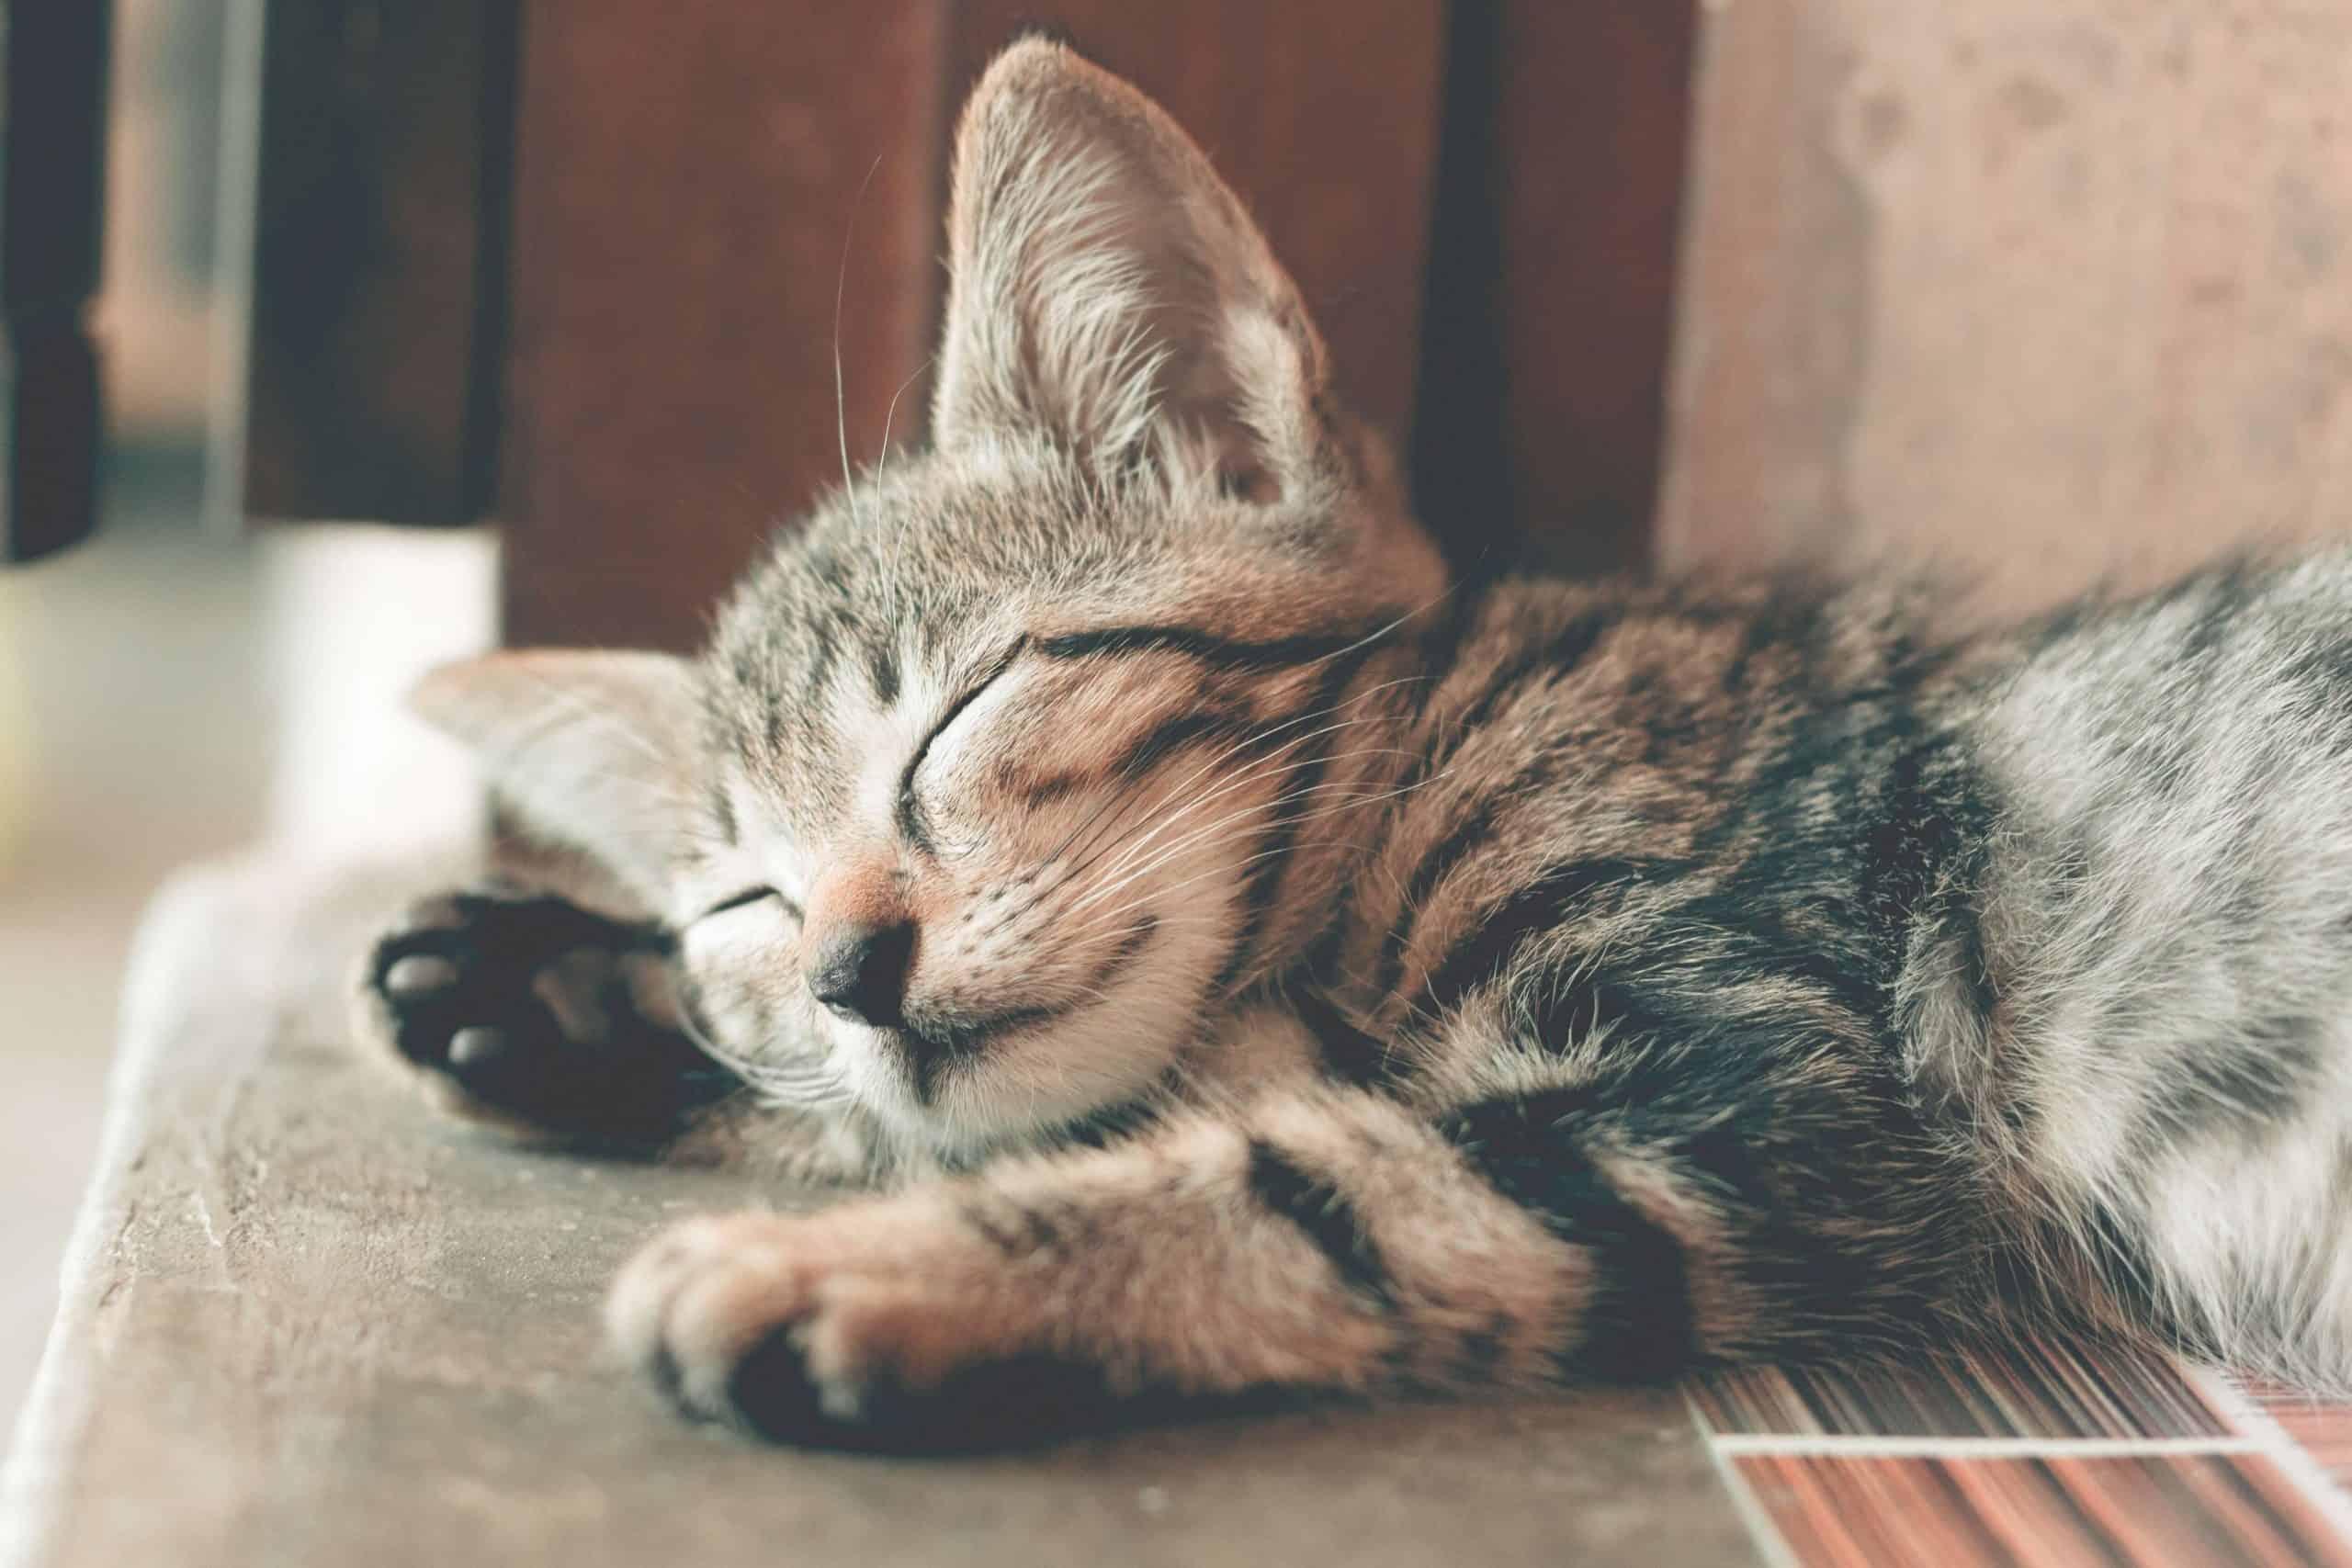 W nowy rok z kotkami. Specyficzny kalendarz podbija serca internautów